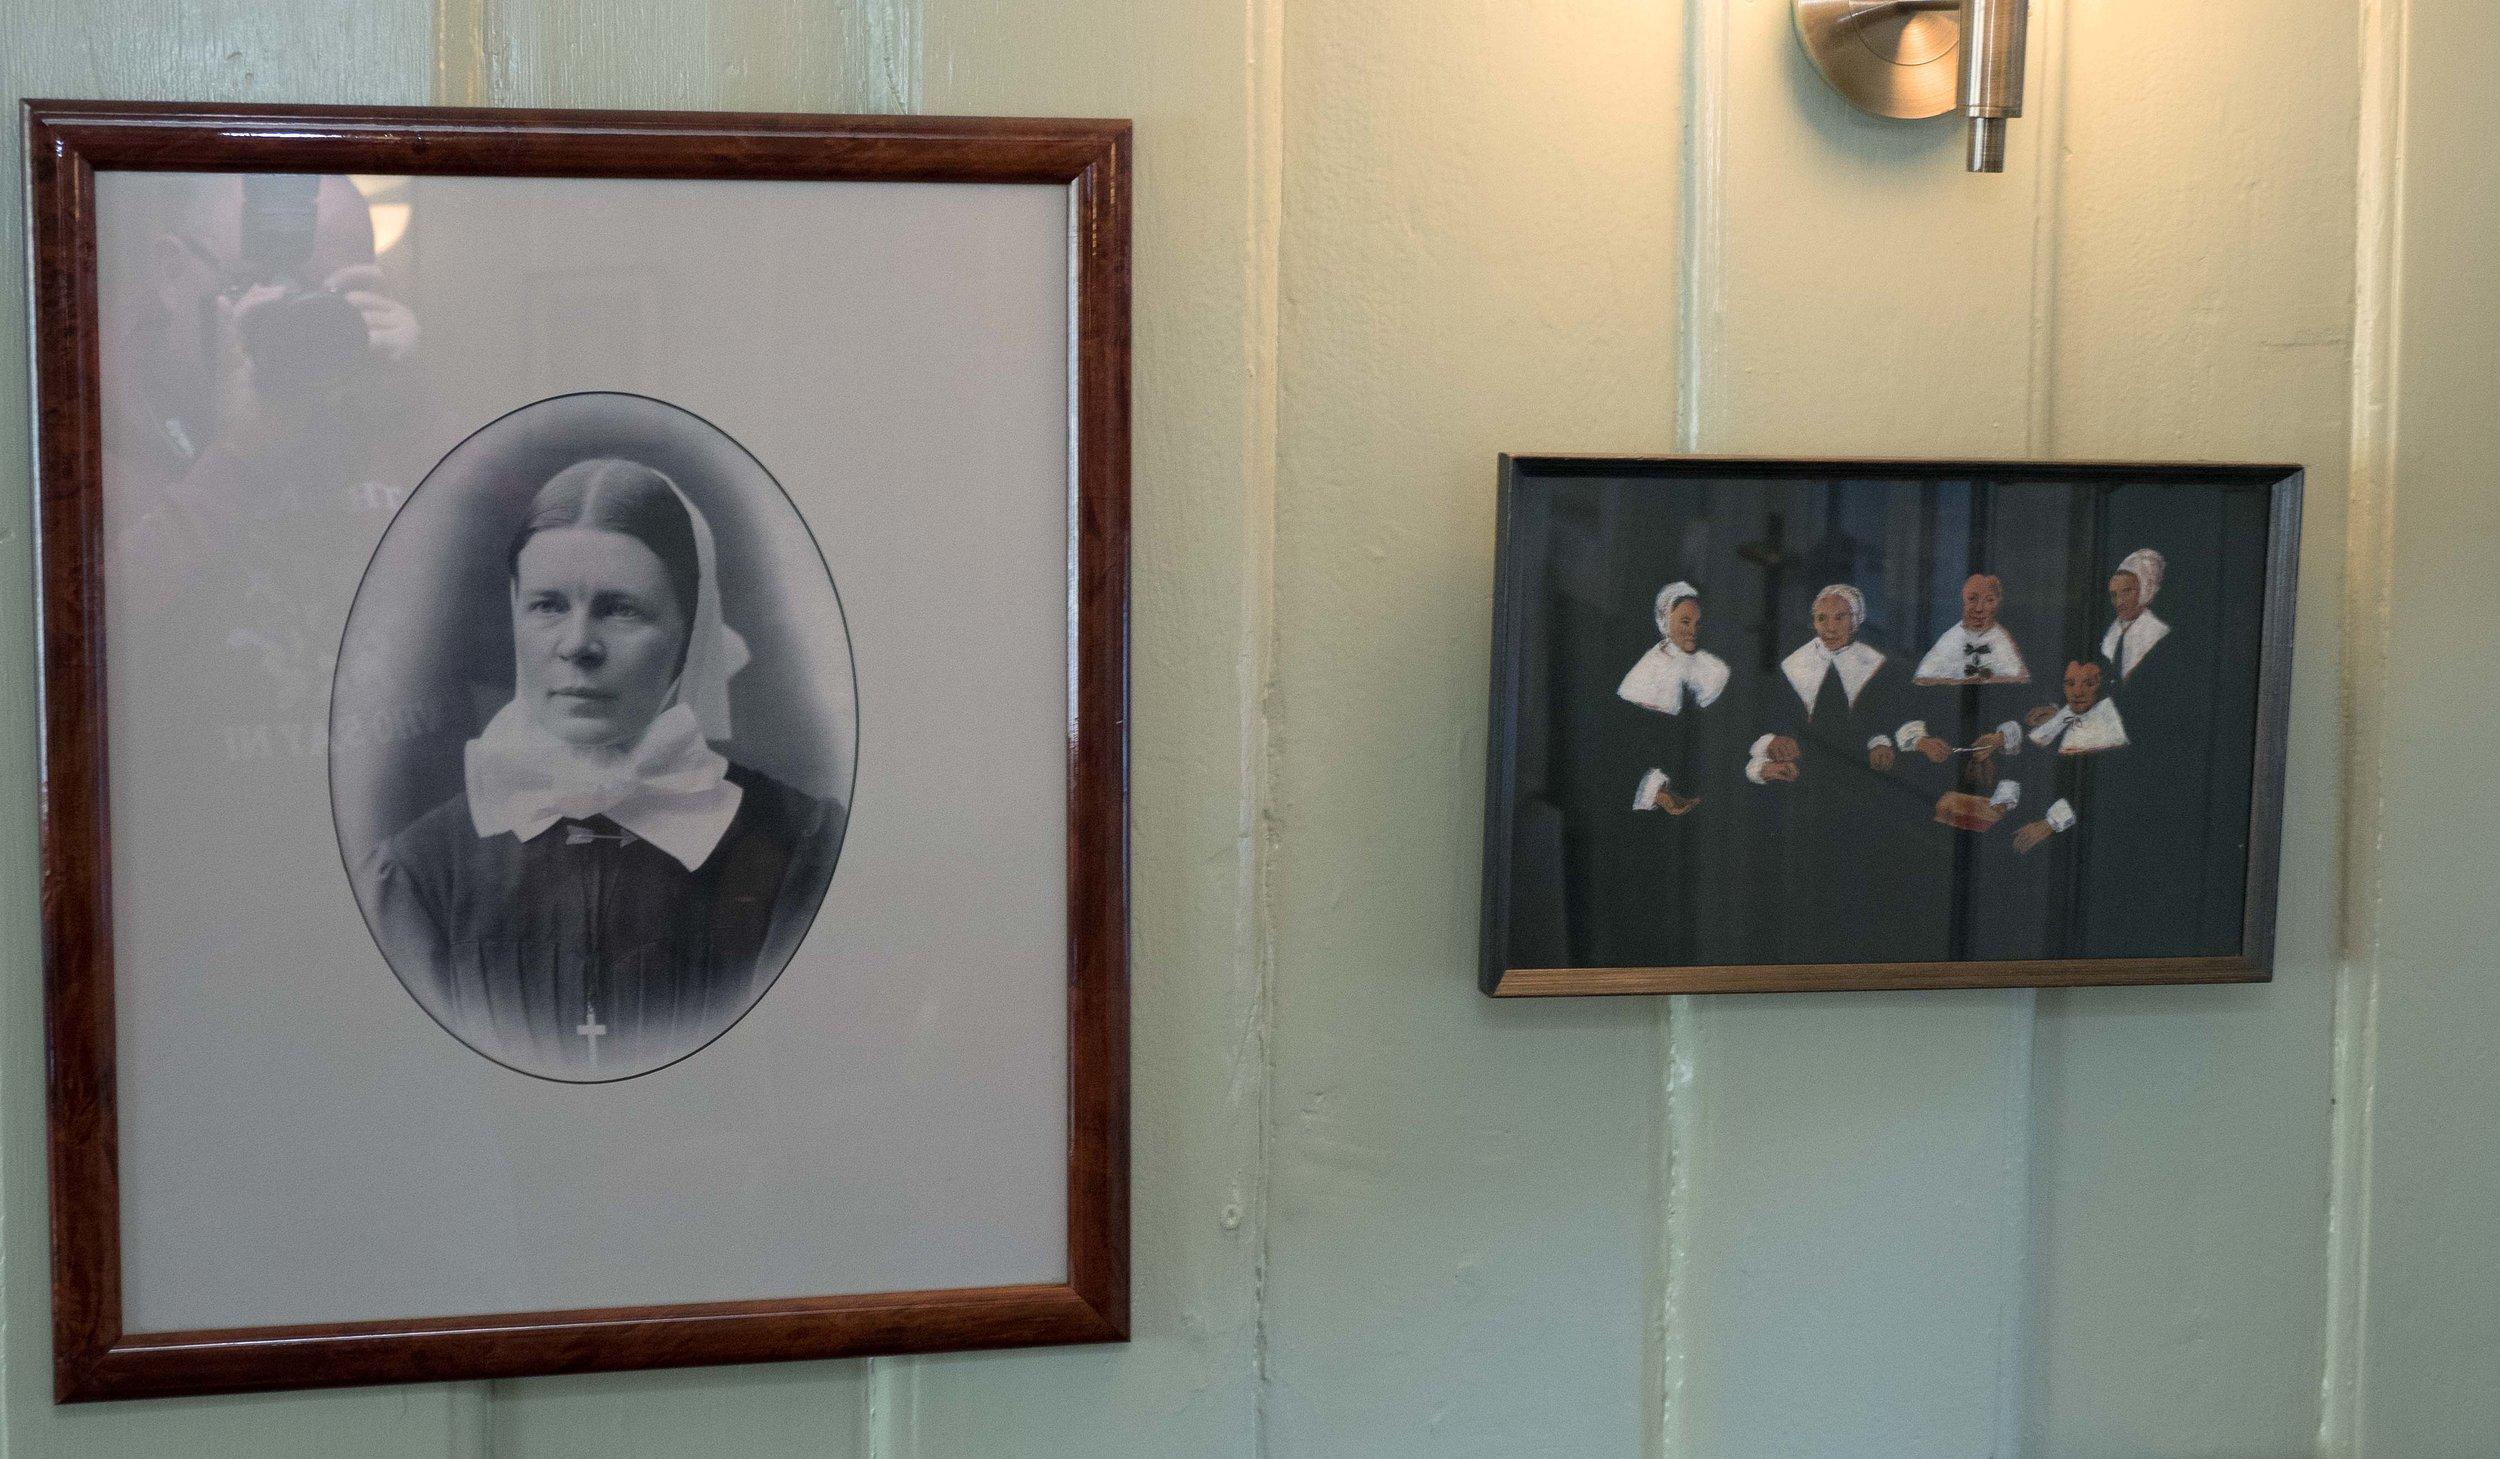 Cathinka Guldberg startet Norges første sykepleierutdanning på Asylet for 150 år siden.